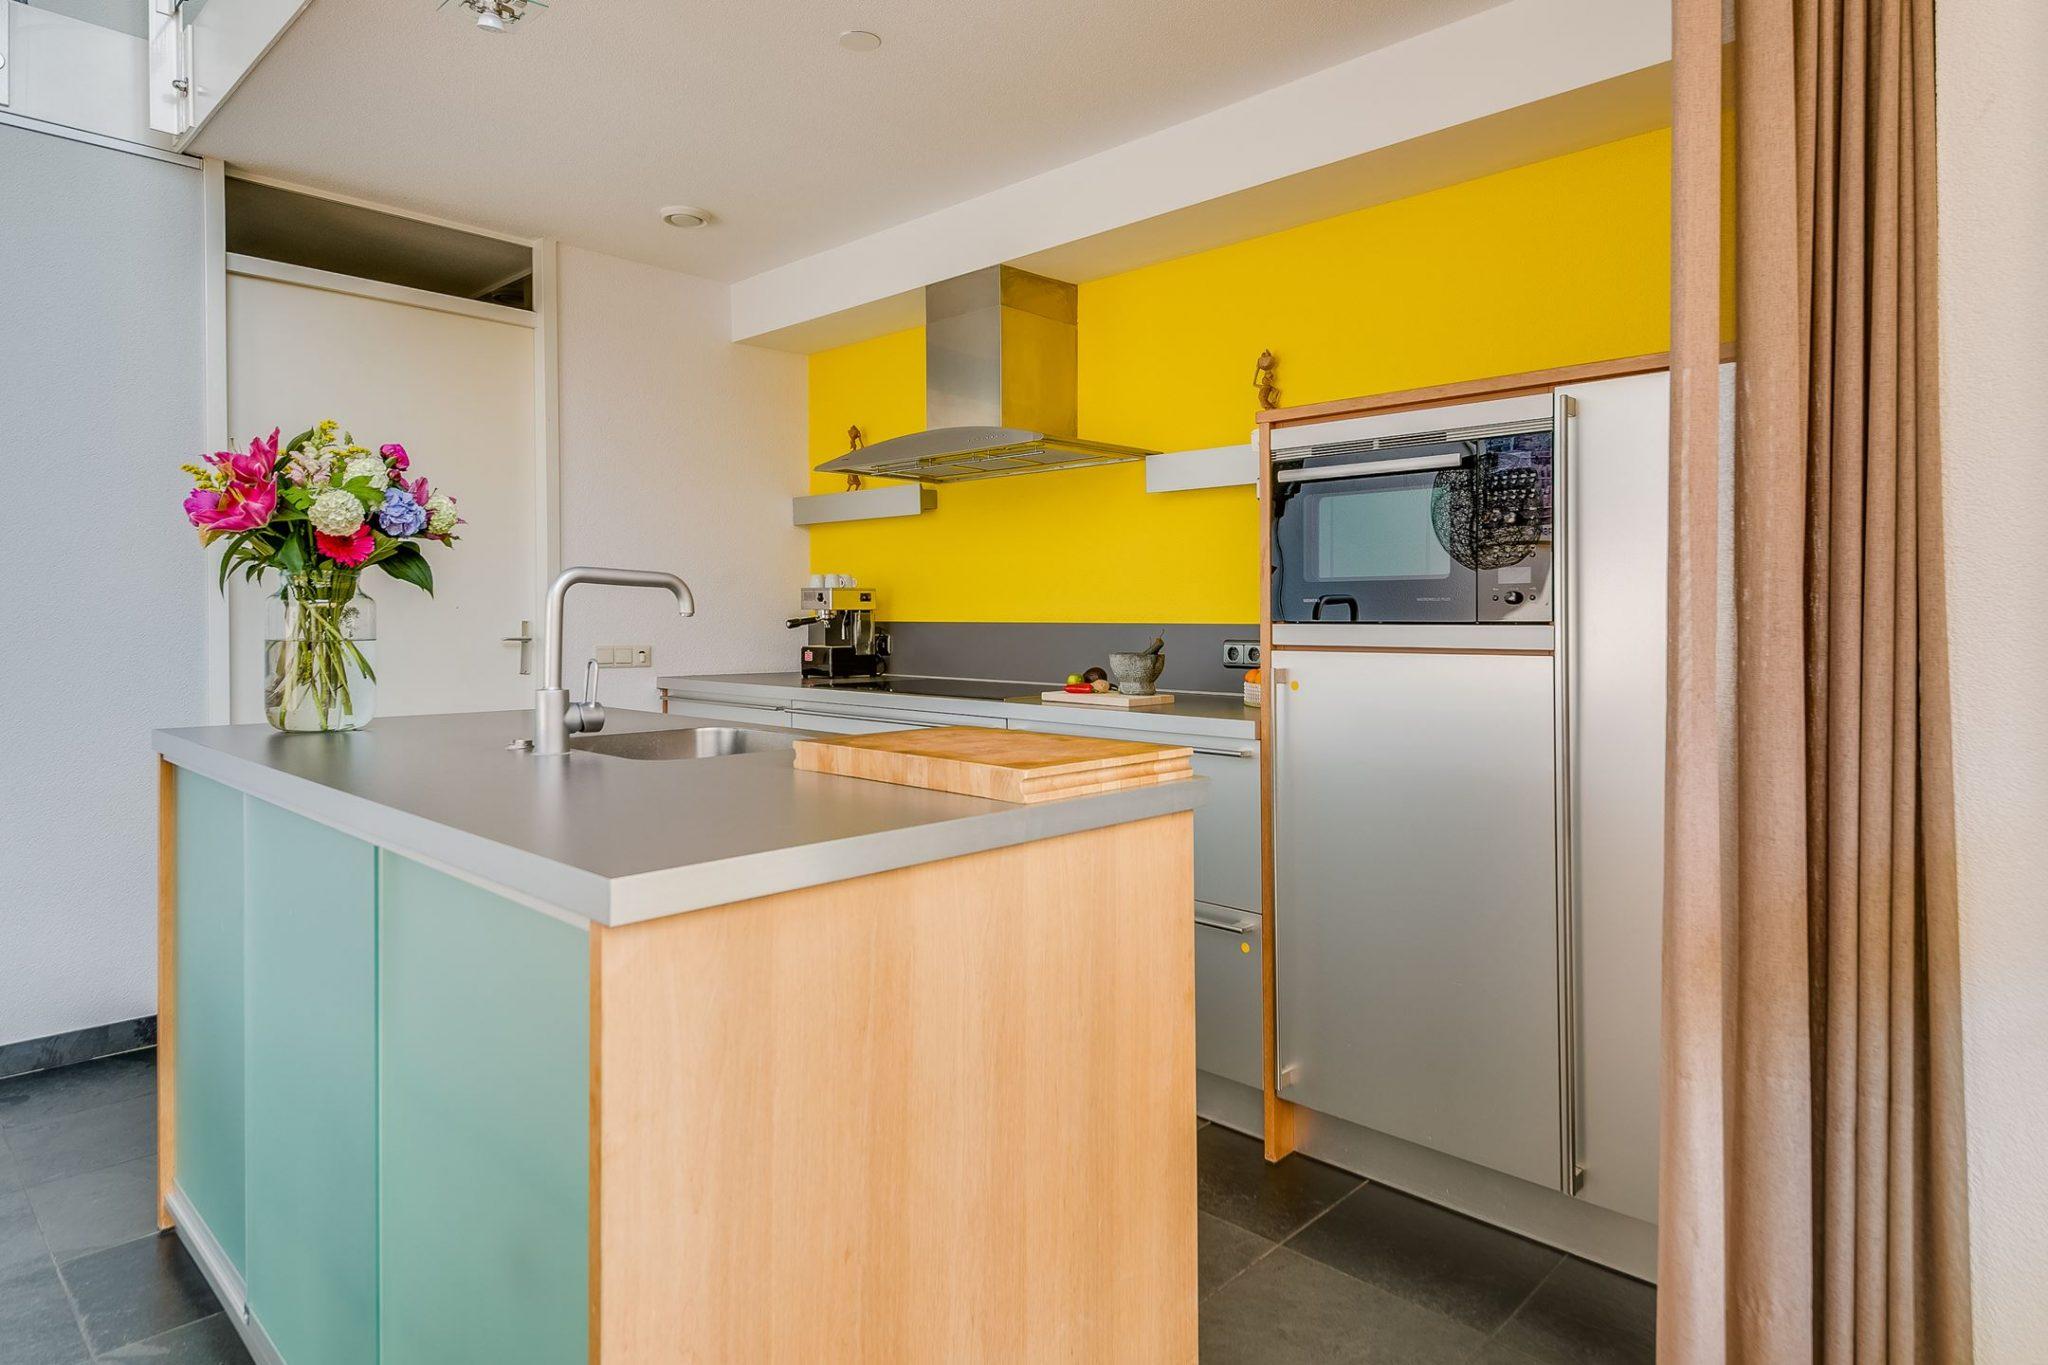 Moderne Keuken Grijs : Moderne grijze rechte keuken eiland apparatuur tweedehands